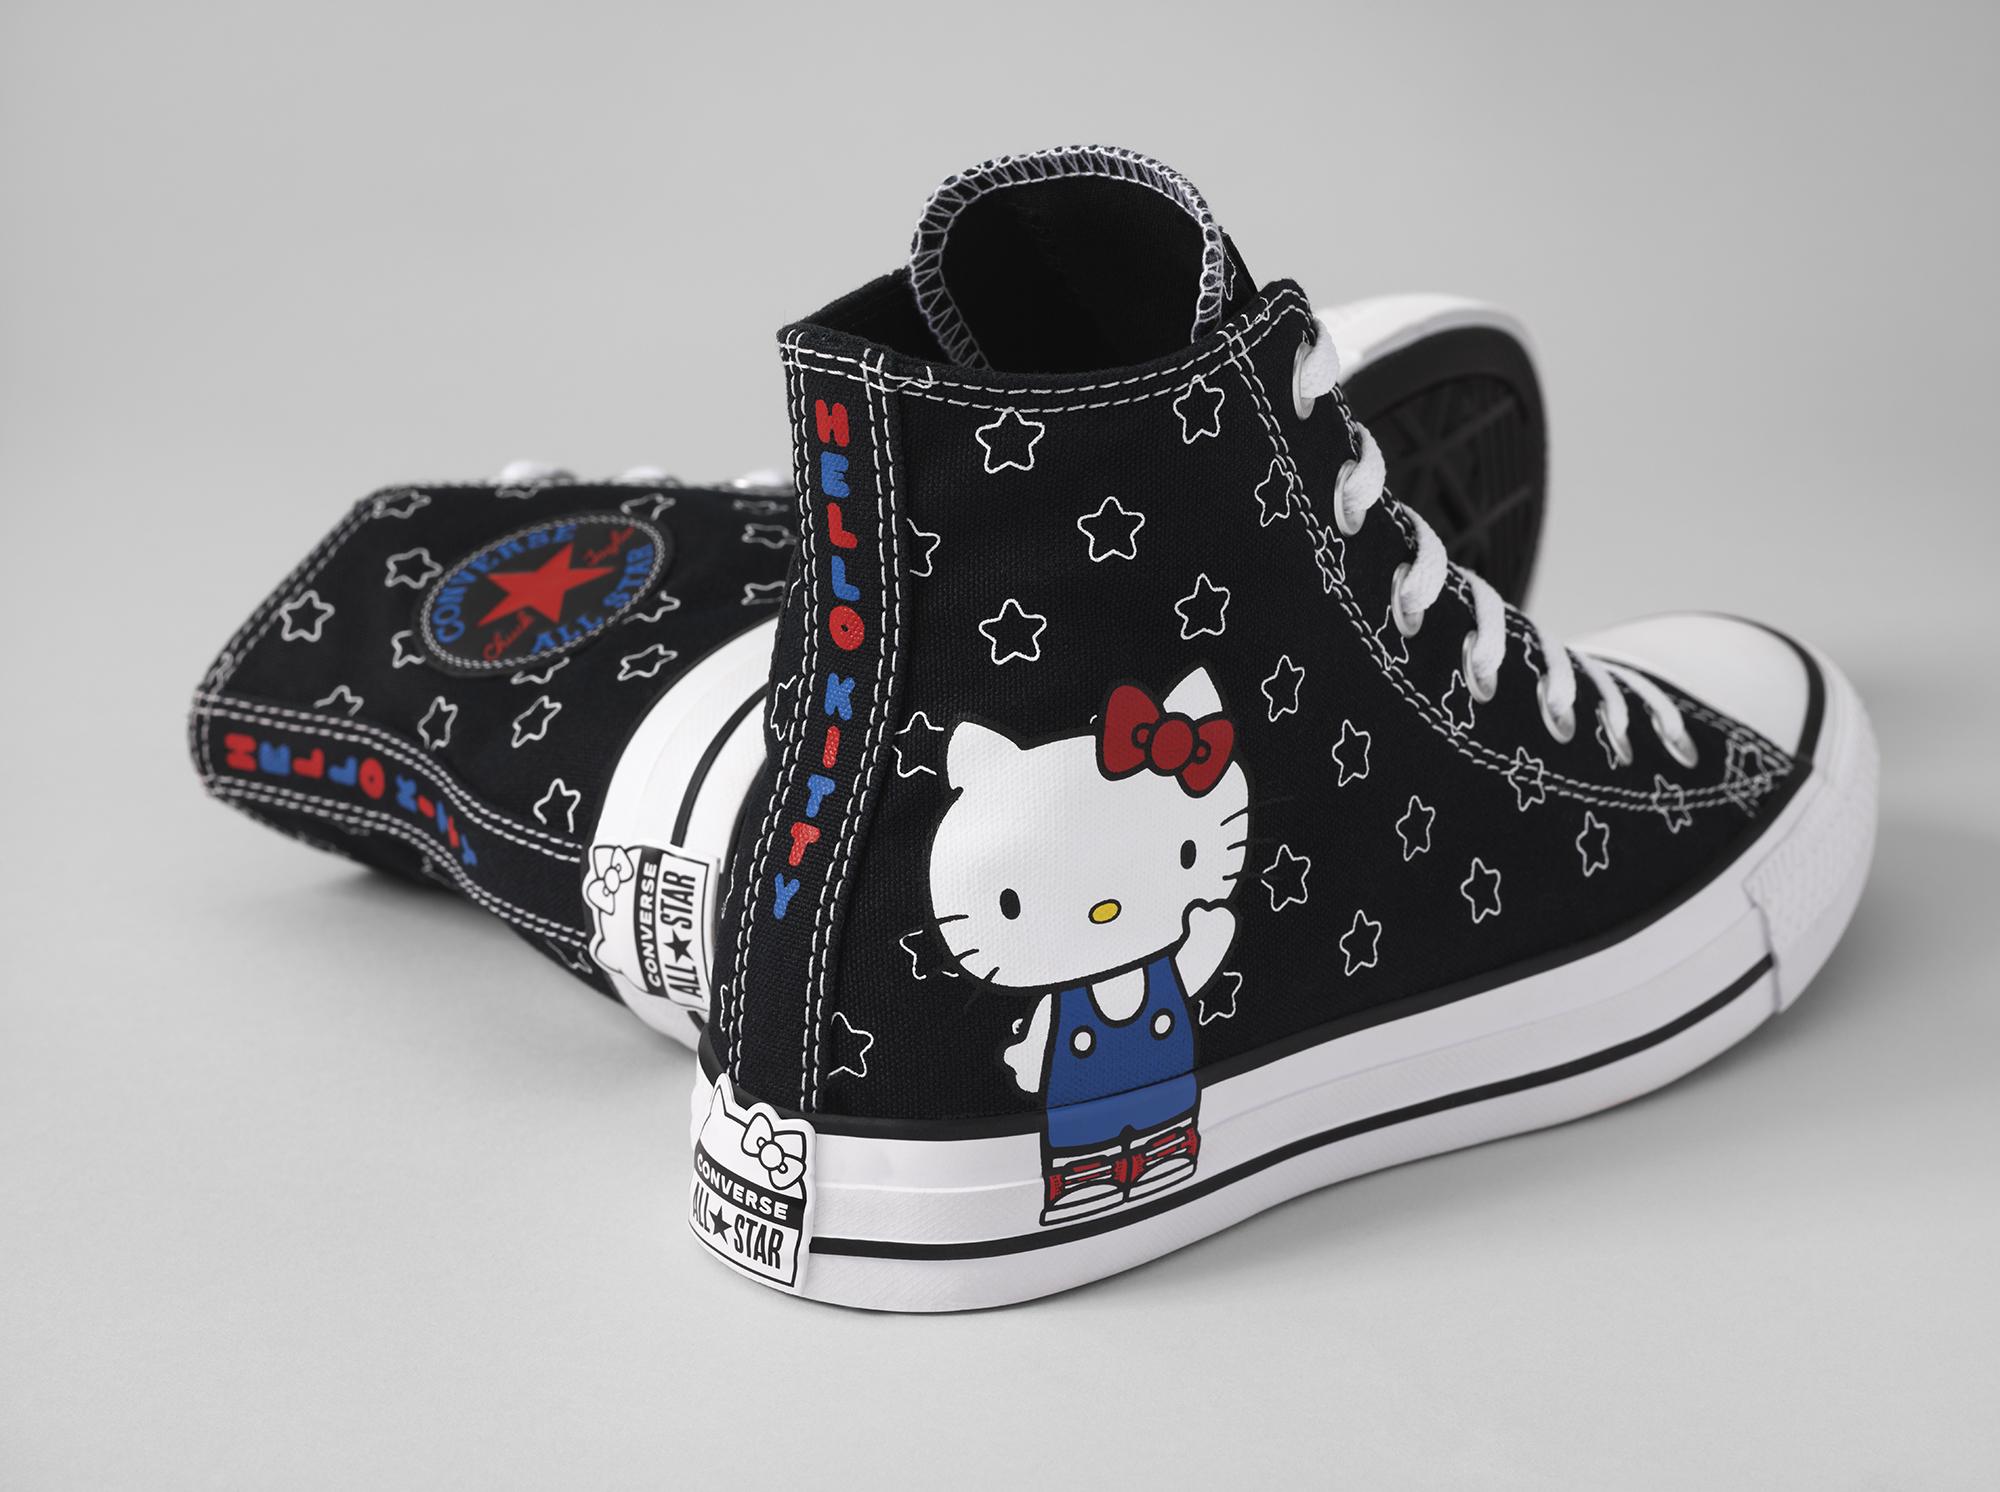 Chiều fan Hello Kitty hết mực, Converse ra mắt lần 2 phiên bản giới hạn với bộ Collab - Converse x Hello Kitty - Ảnh 8.